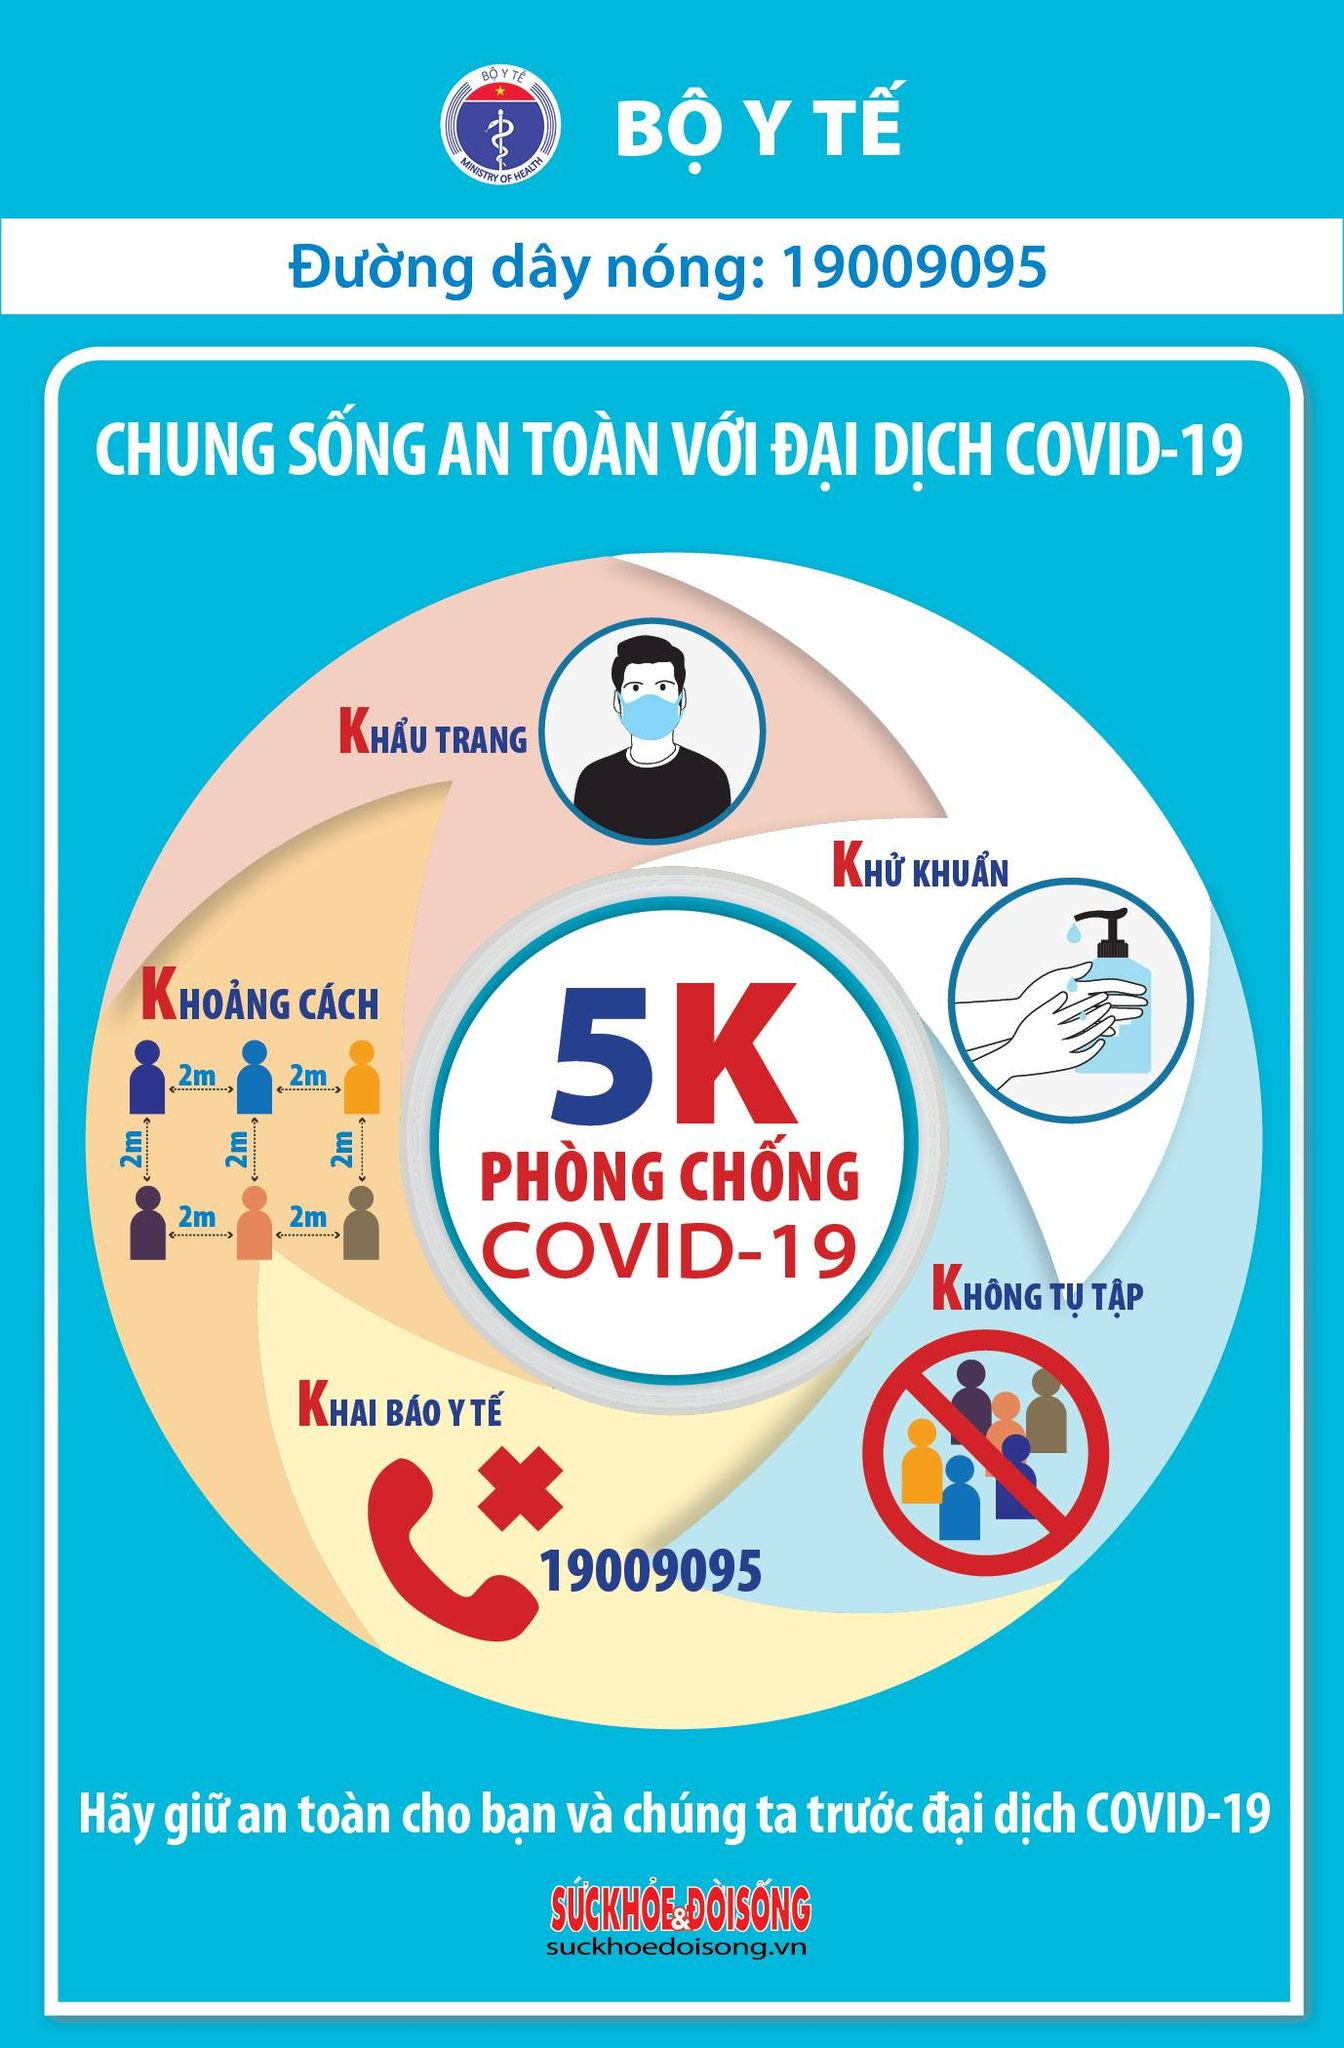 Mỗi người dân cần tuân thủ thông điệp 5k của Bộ y tế khuyến cáo